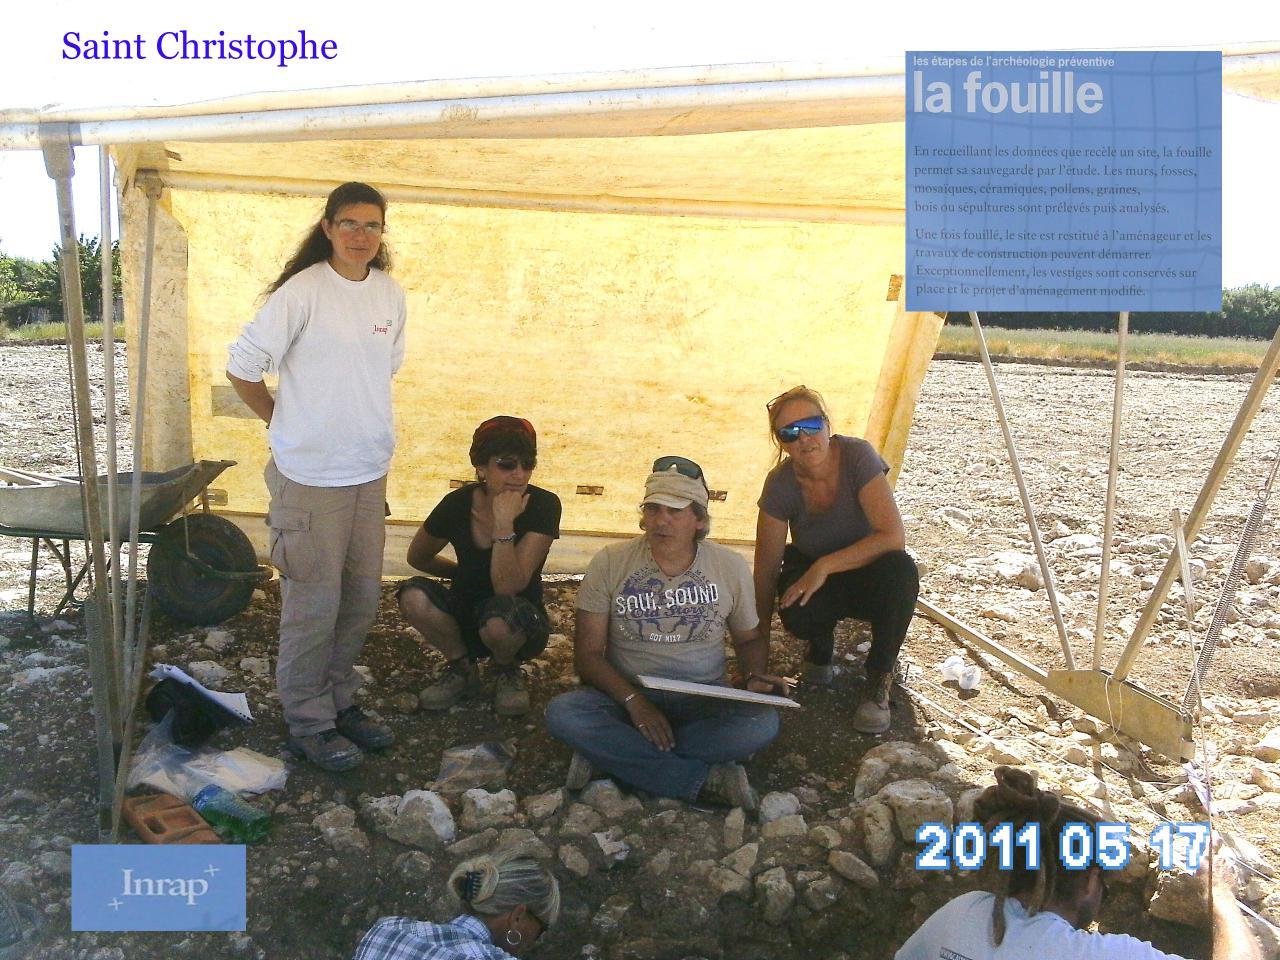 fouilles-st-christophe-pict0004-1.jpg